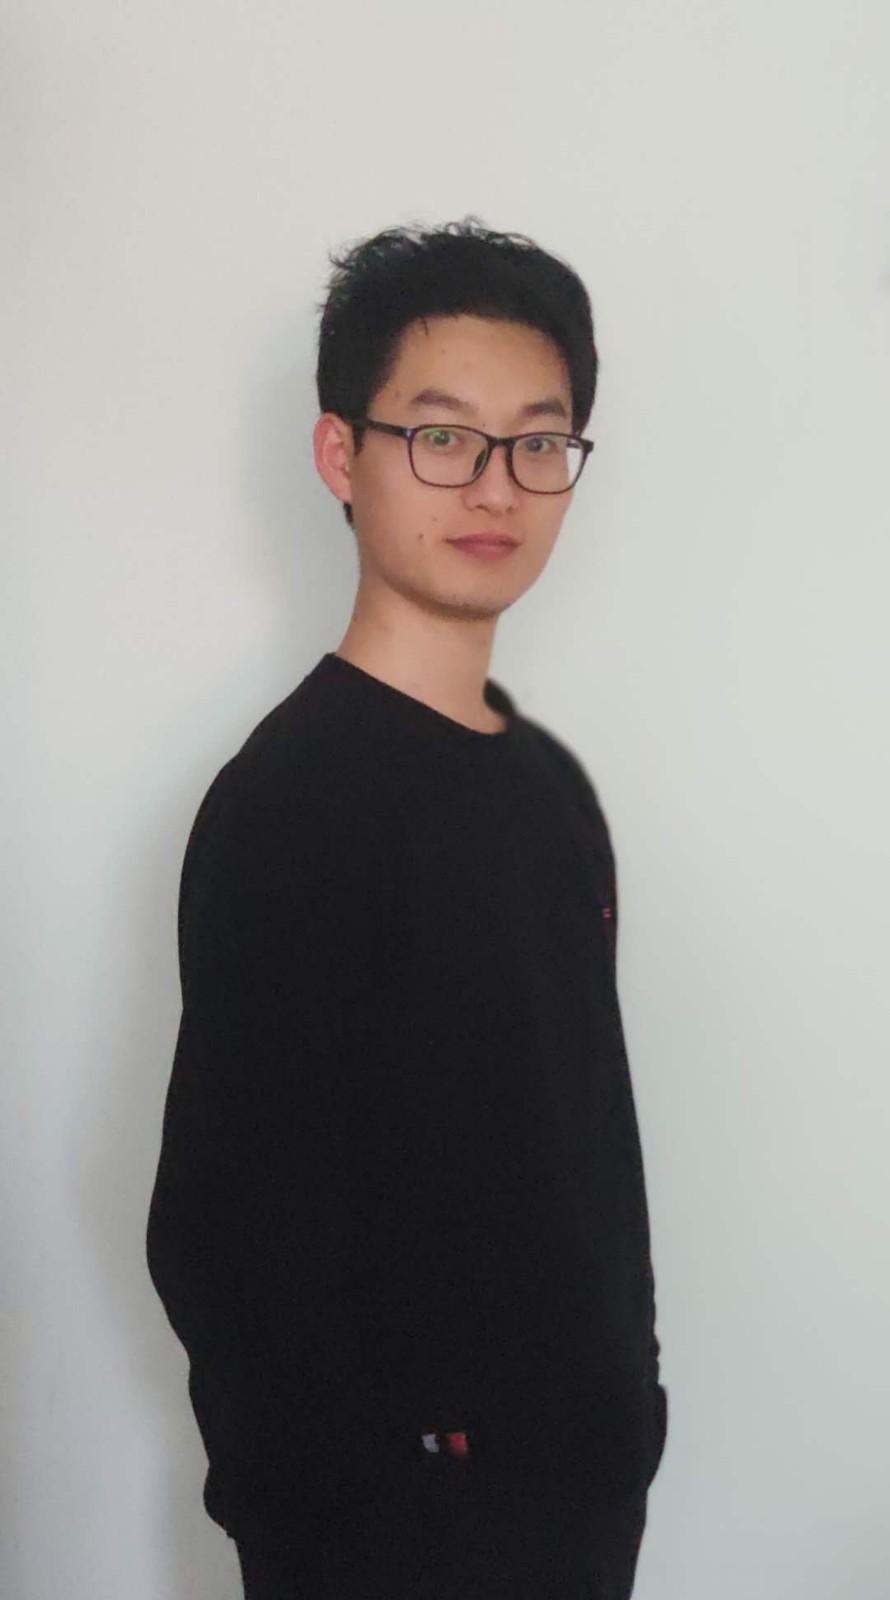 杨维栋【物理牛师】